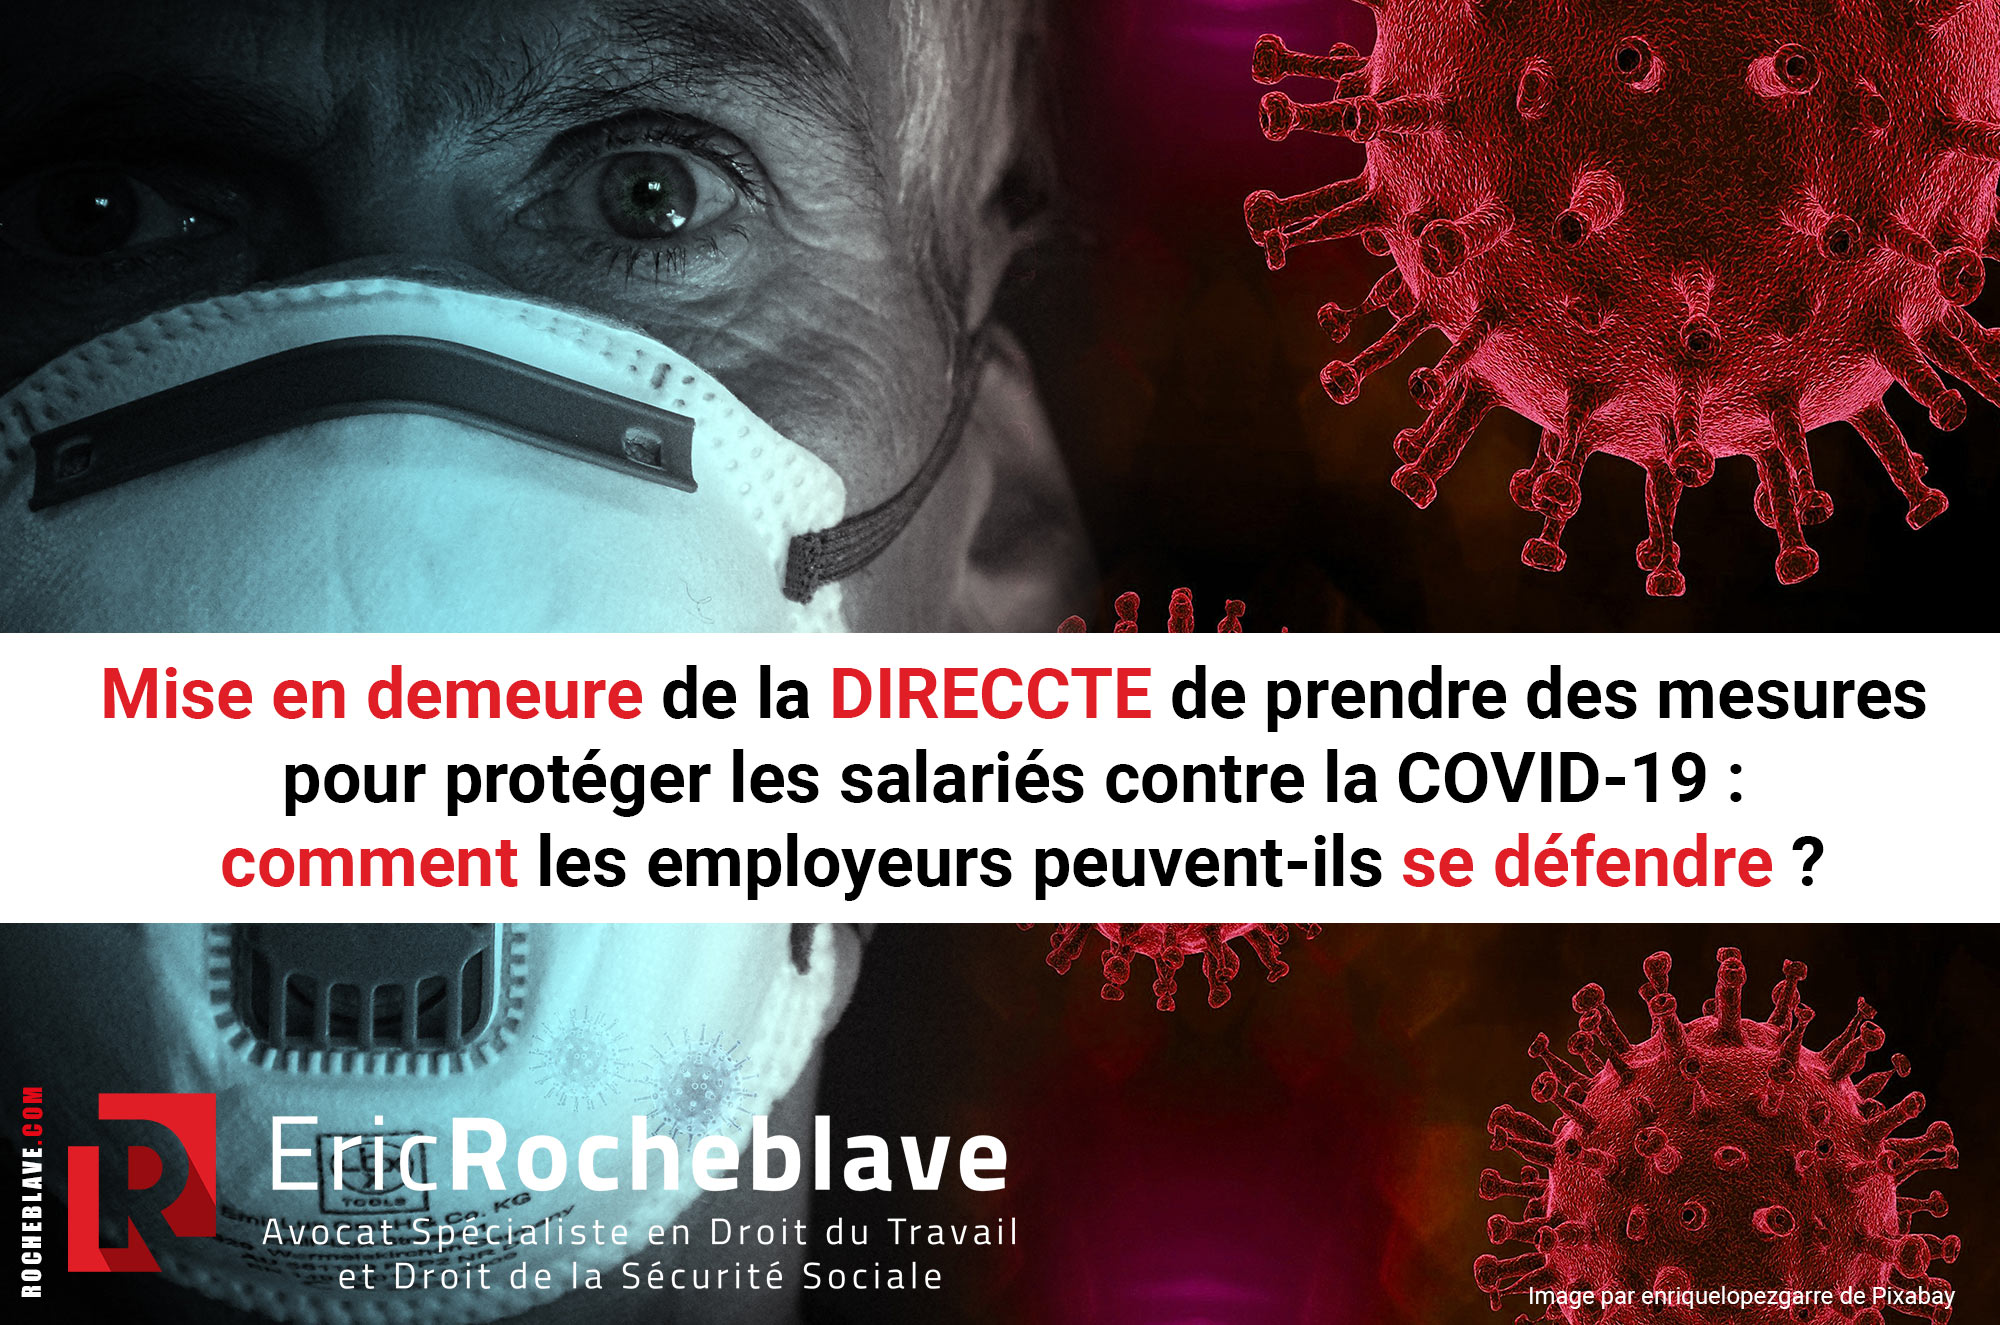 Mise en demeure de la DIRECCTE de prendre des mesures pour protéger les salariés contre la COVID-19 : comment les employeurs peuvent-ils se défendre ?